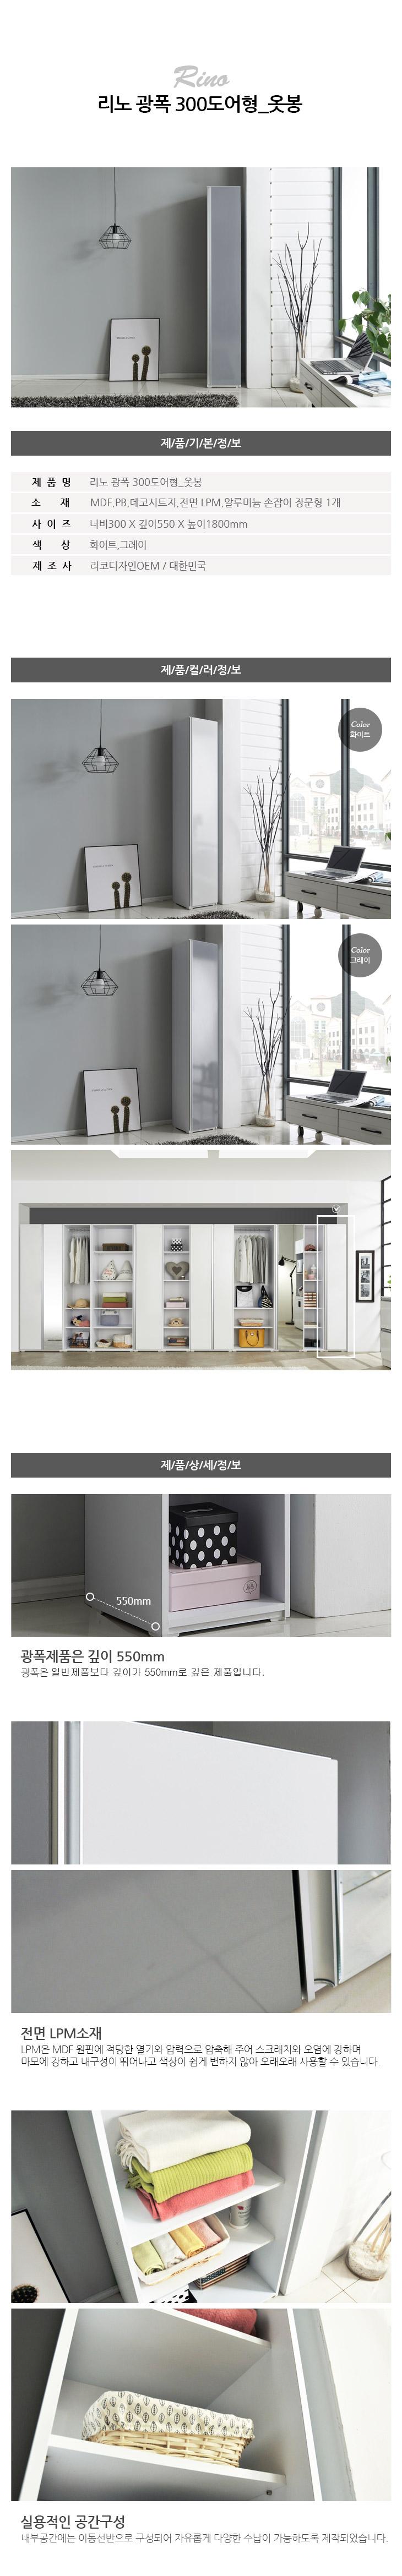 리노 광폭 300도어형_옷봉 - 리코디자인가구, 138,000원, 붙박이장/장롱, 옷장/싱글장